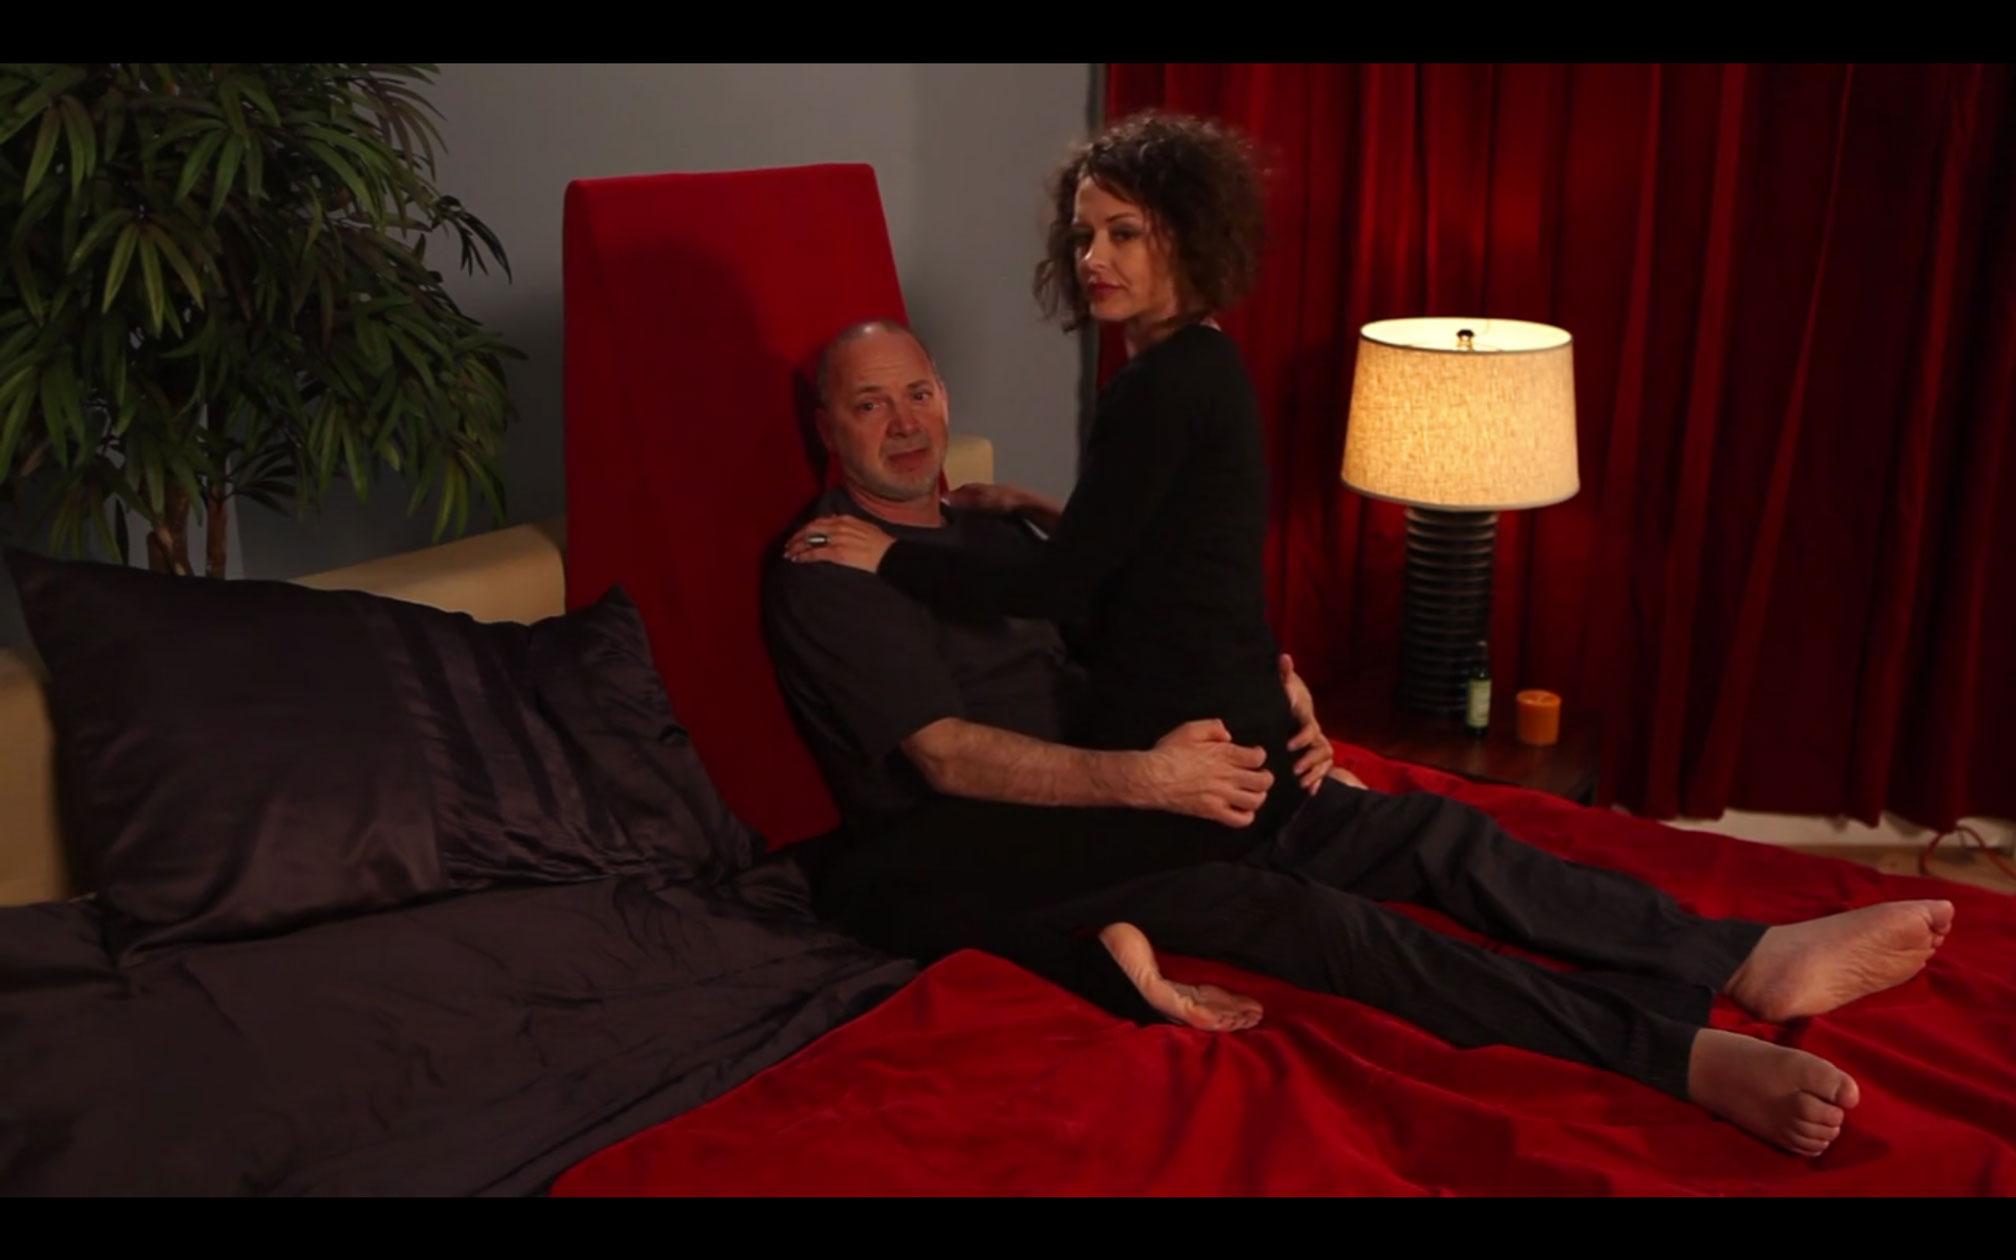 vidéo de sexe paralysé forcé anal sexe films